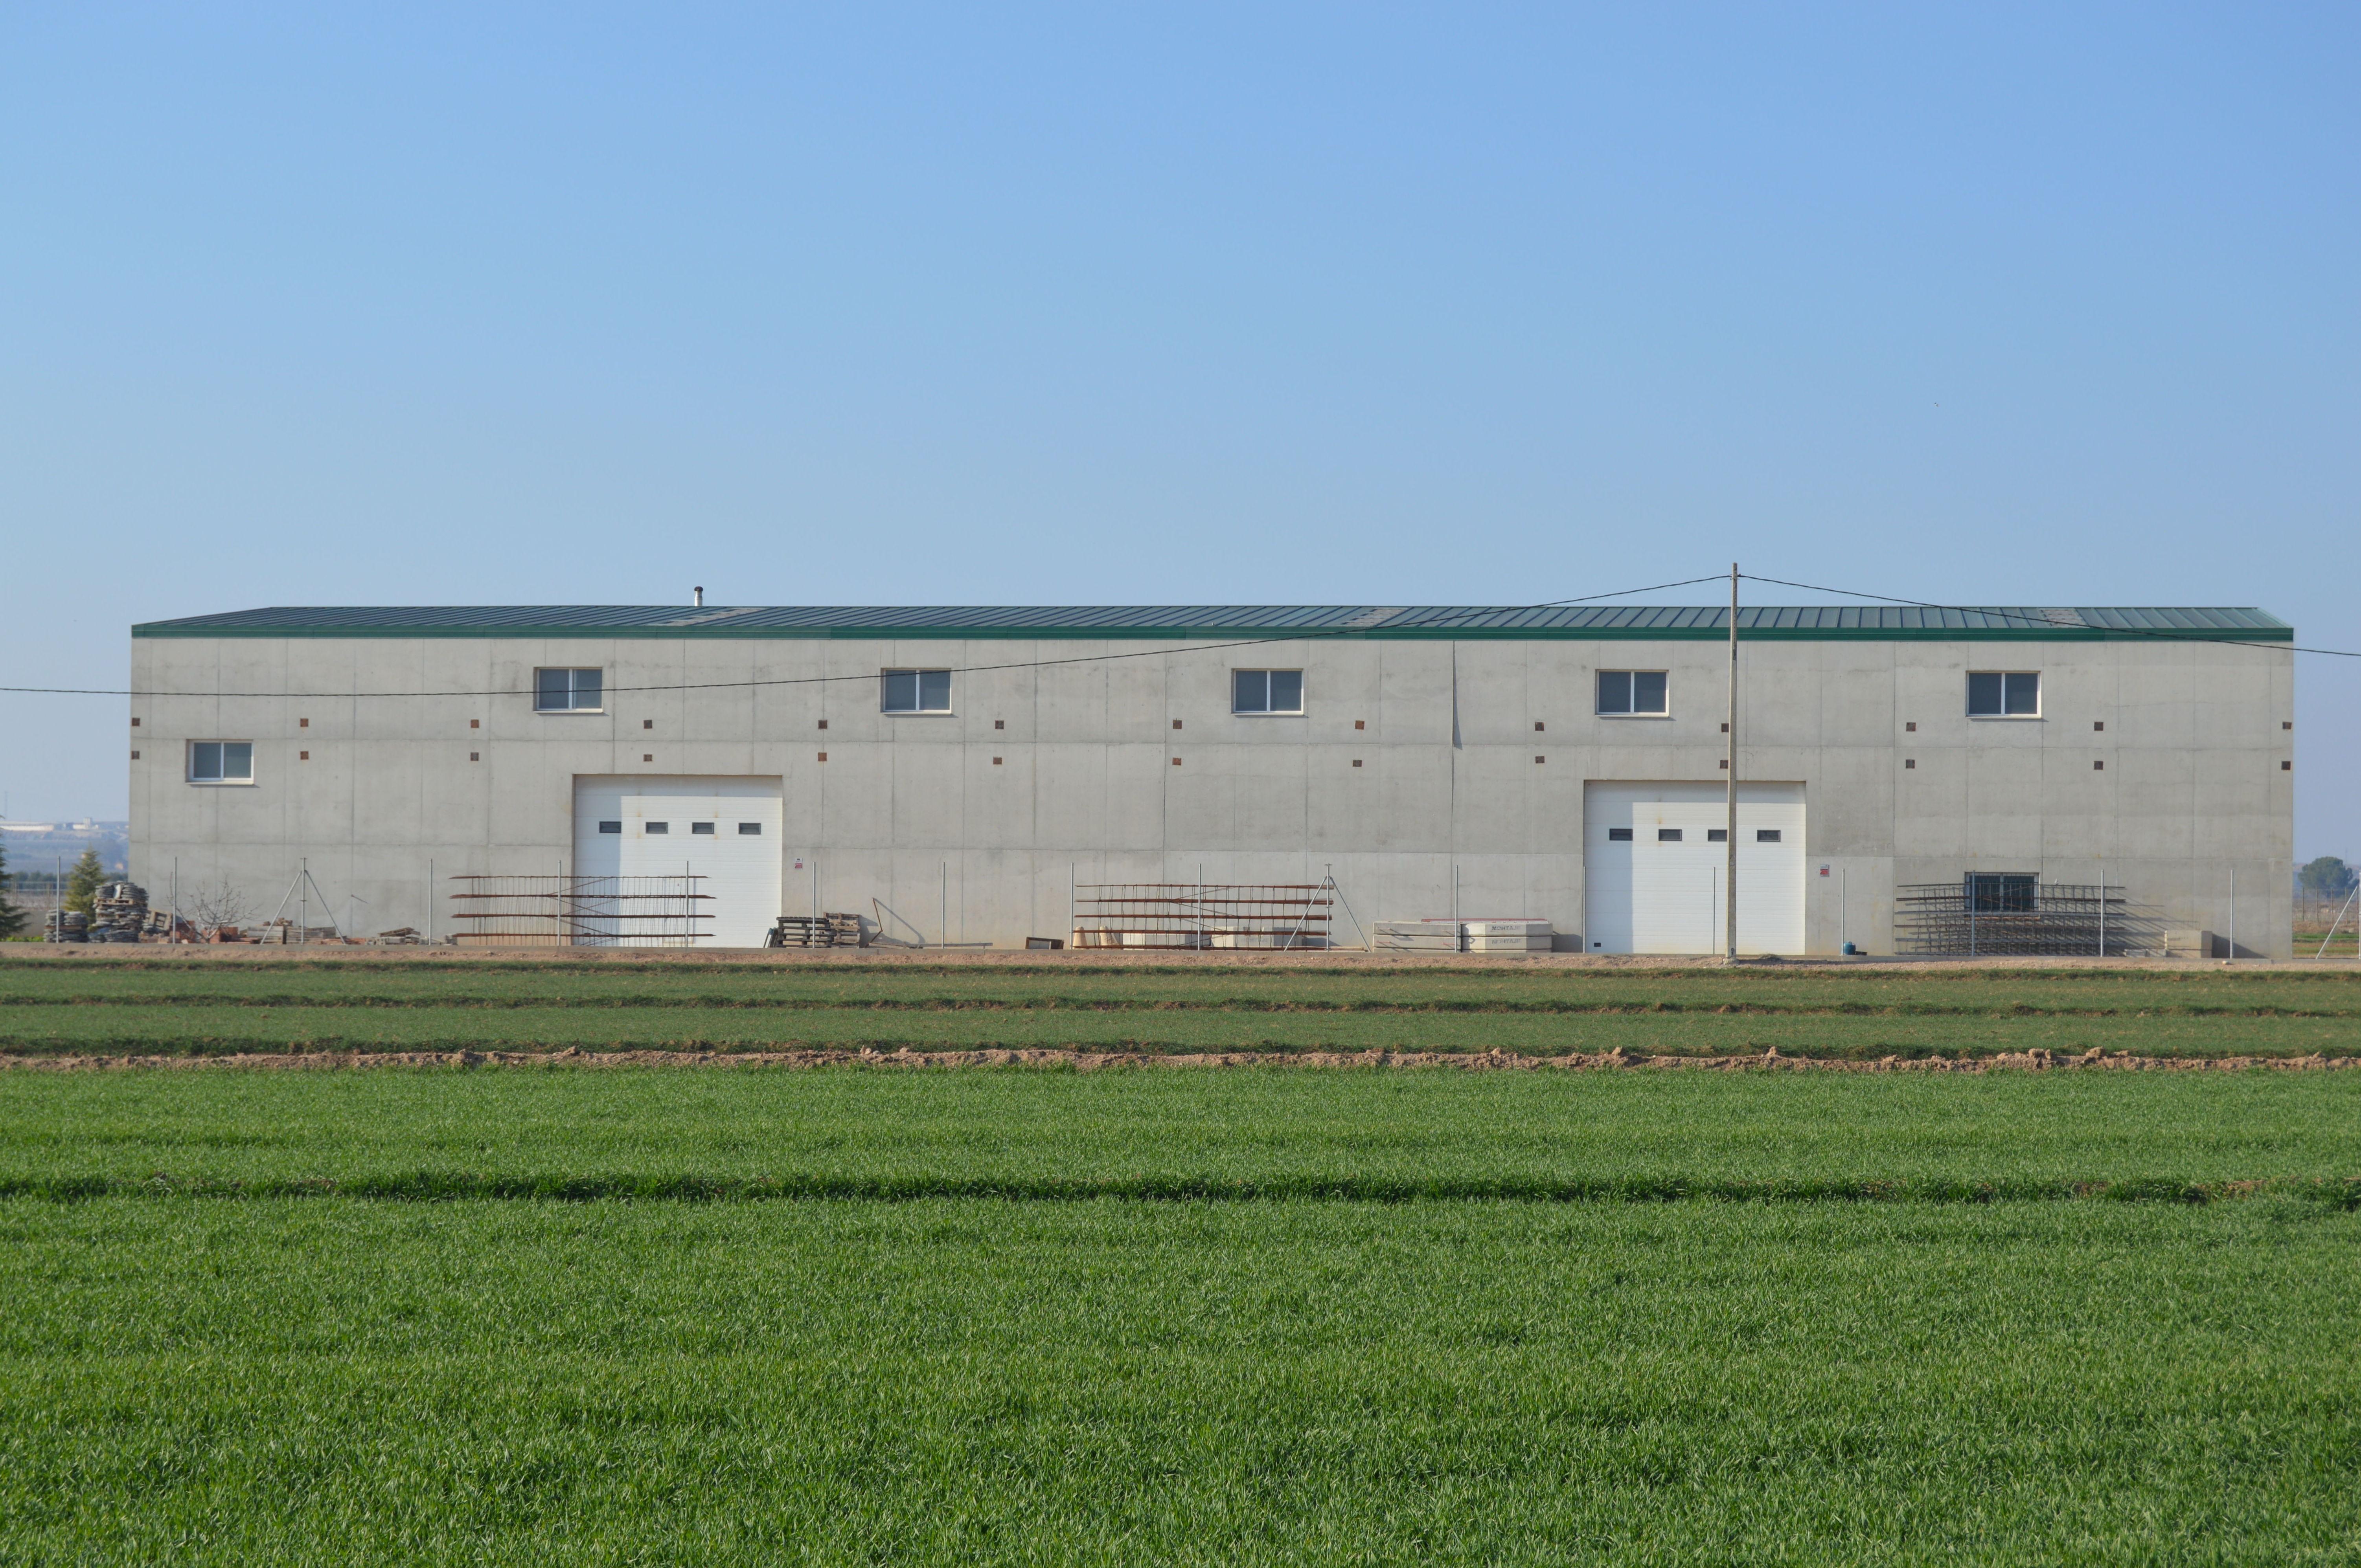 Construcción de almacenes agrícolas con muros de hormigón